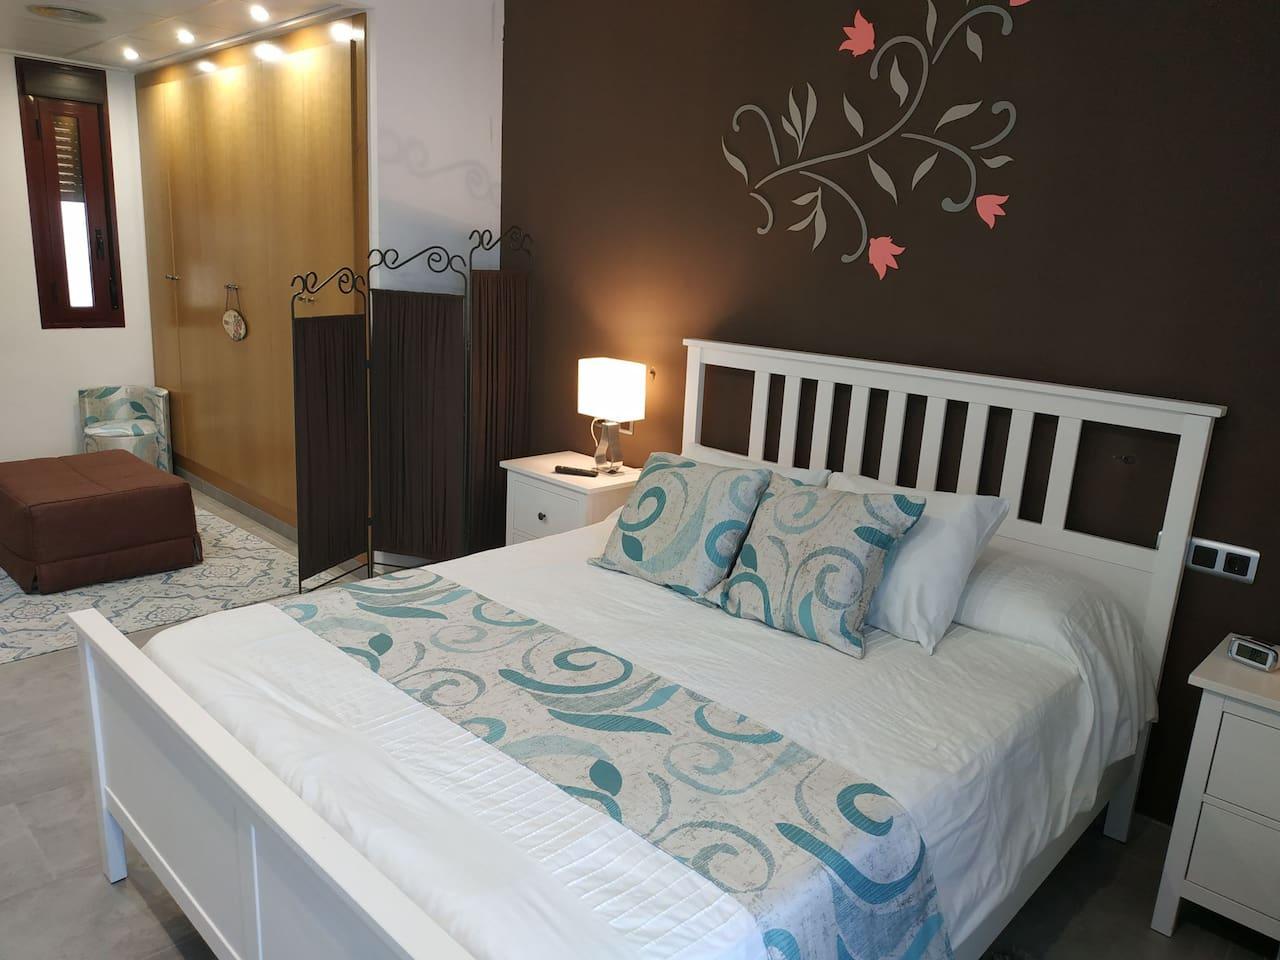 Dormitorio de motrimonio con vestidor y balcón